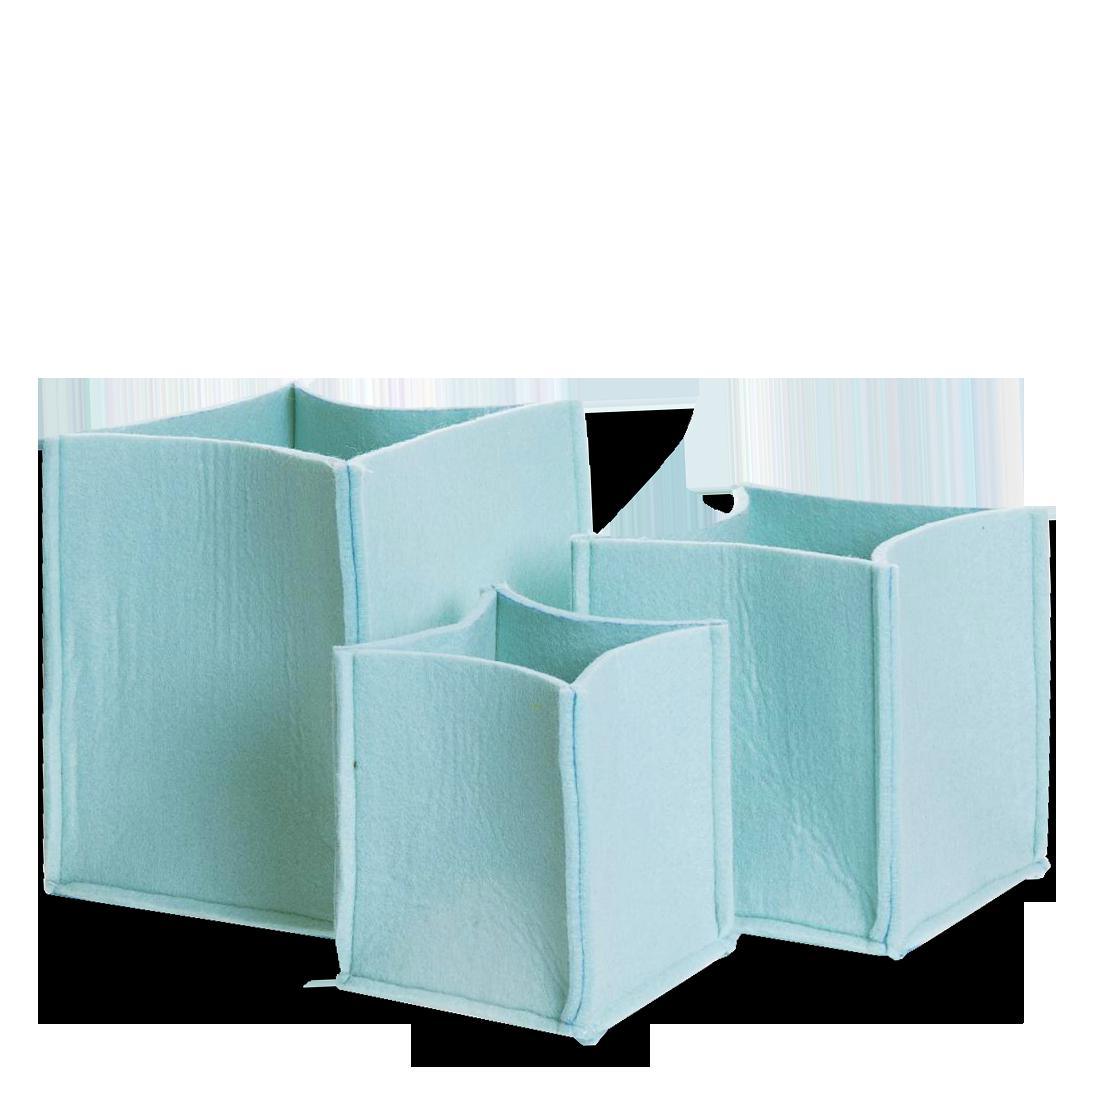 Корзины для хранения Mellow 3 штукиРазное<br>Корзины для хранения Mellow — то место в Вашем доме, где вещи можно не просто хранить, а хранить их красиво.<br>Корзины для хранения Mellow не нарушат Ваш интерьер и сохранят все то, что нужно убрать с глаз в уютном контейнере из войлока, который не царапает мебель.<br><br>stock: 0<br>Высота: 20-16-14<br>Ширина: 18-15-12<br>Глубина: 18-15-12<br>Цвет столешницы: Зеленый<br>Материал каркаса: Войлок